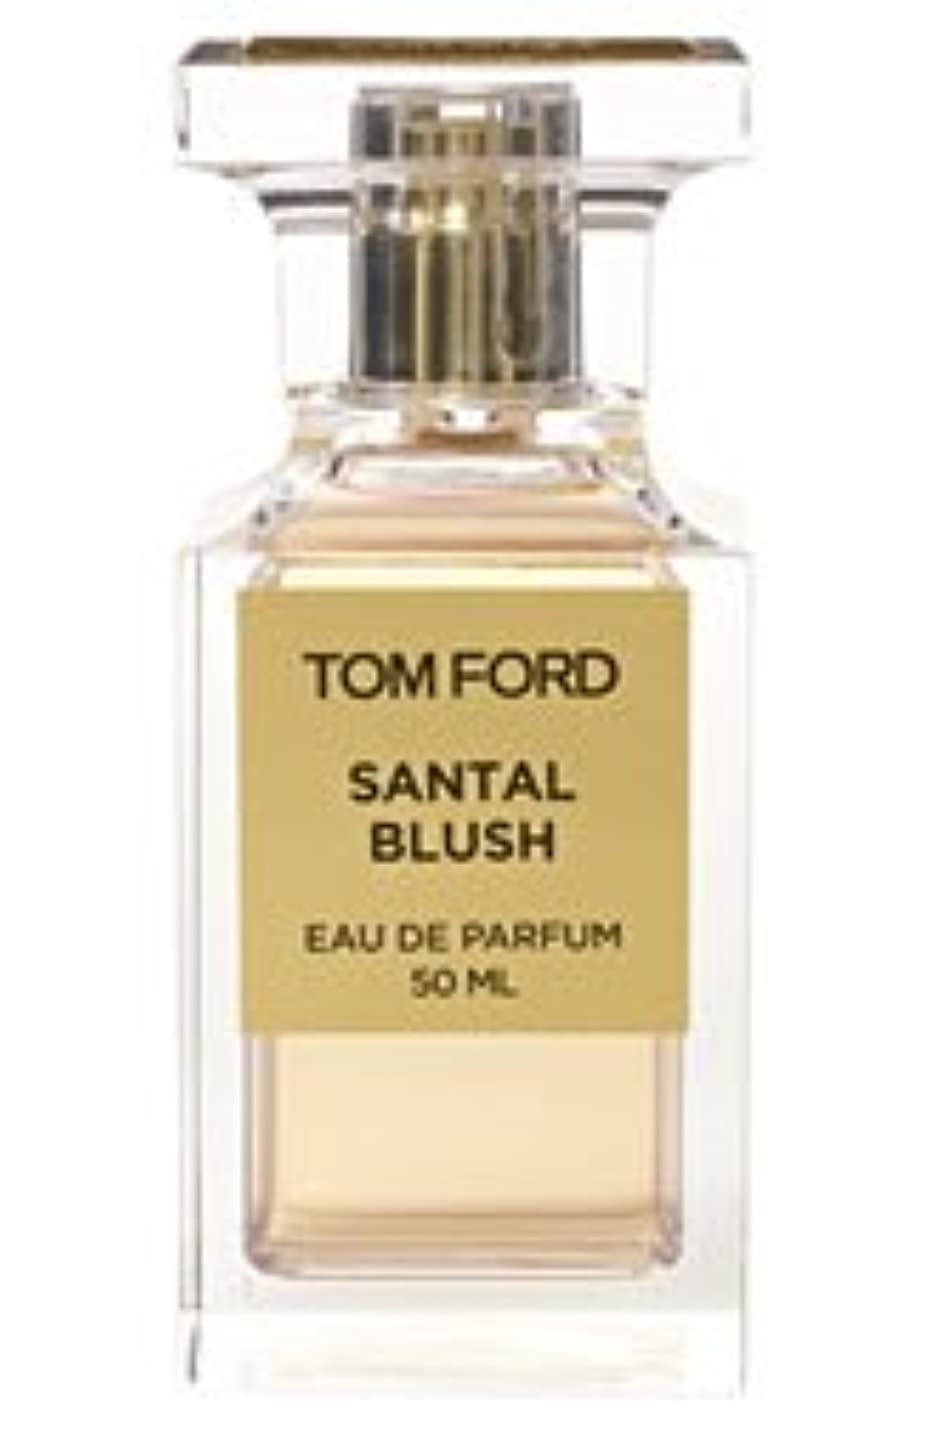 複製する洗練パスTom Ford Private Blend 'Santal Blush' (トムフォード プライベートブレンド サンタルブラッシュ) 1.7 oz (50ml) EDP Spray for Women